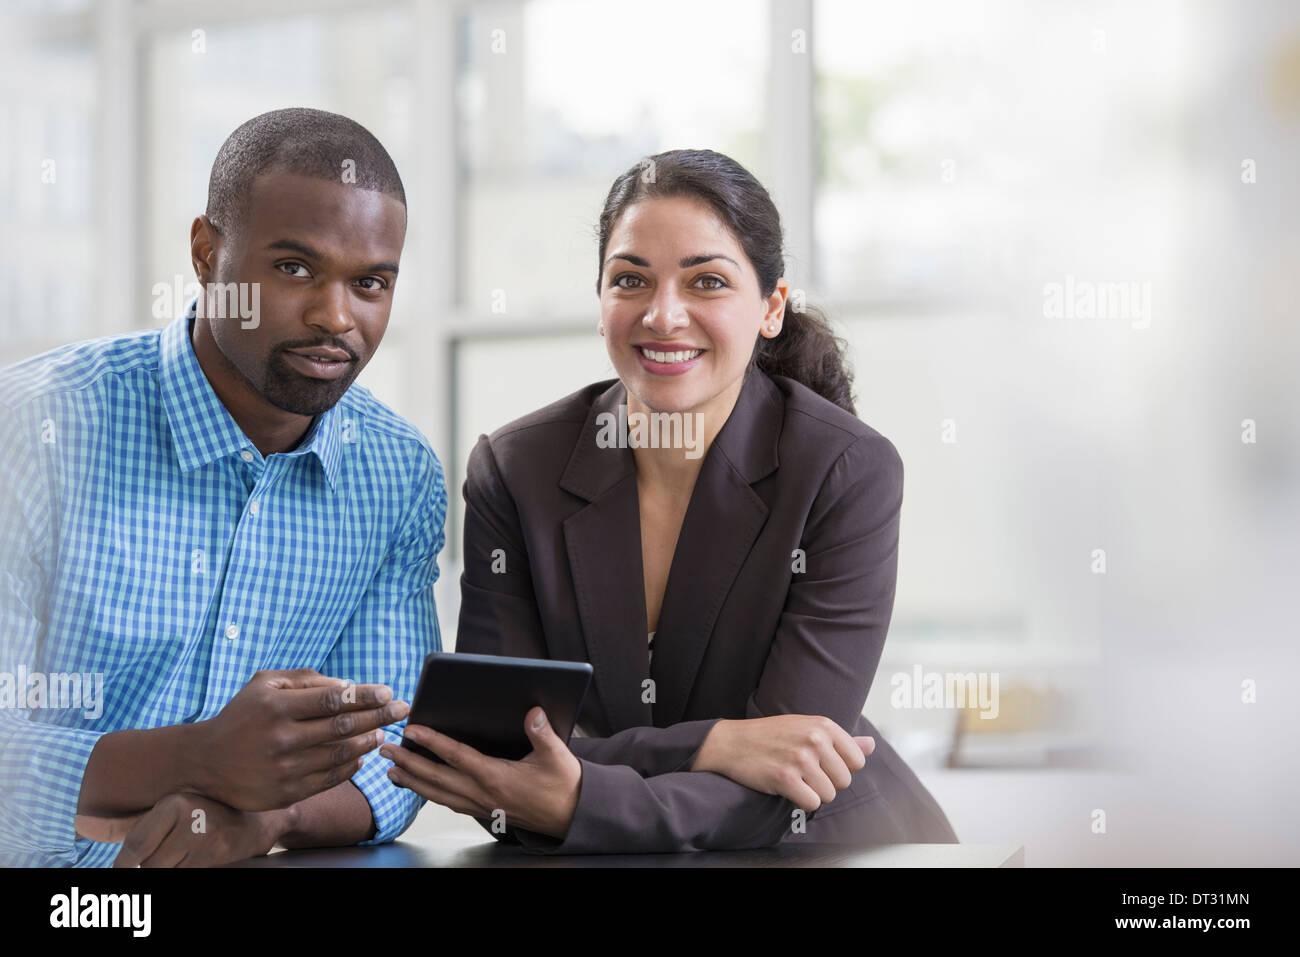 Professionnels à l'office un cadre lumineux et spacieux lieu de travail Deux personnes assis à un bureau à l'aide d'une tablette numérique, les collègues de travail Photo Stock